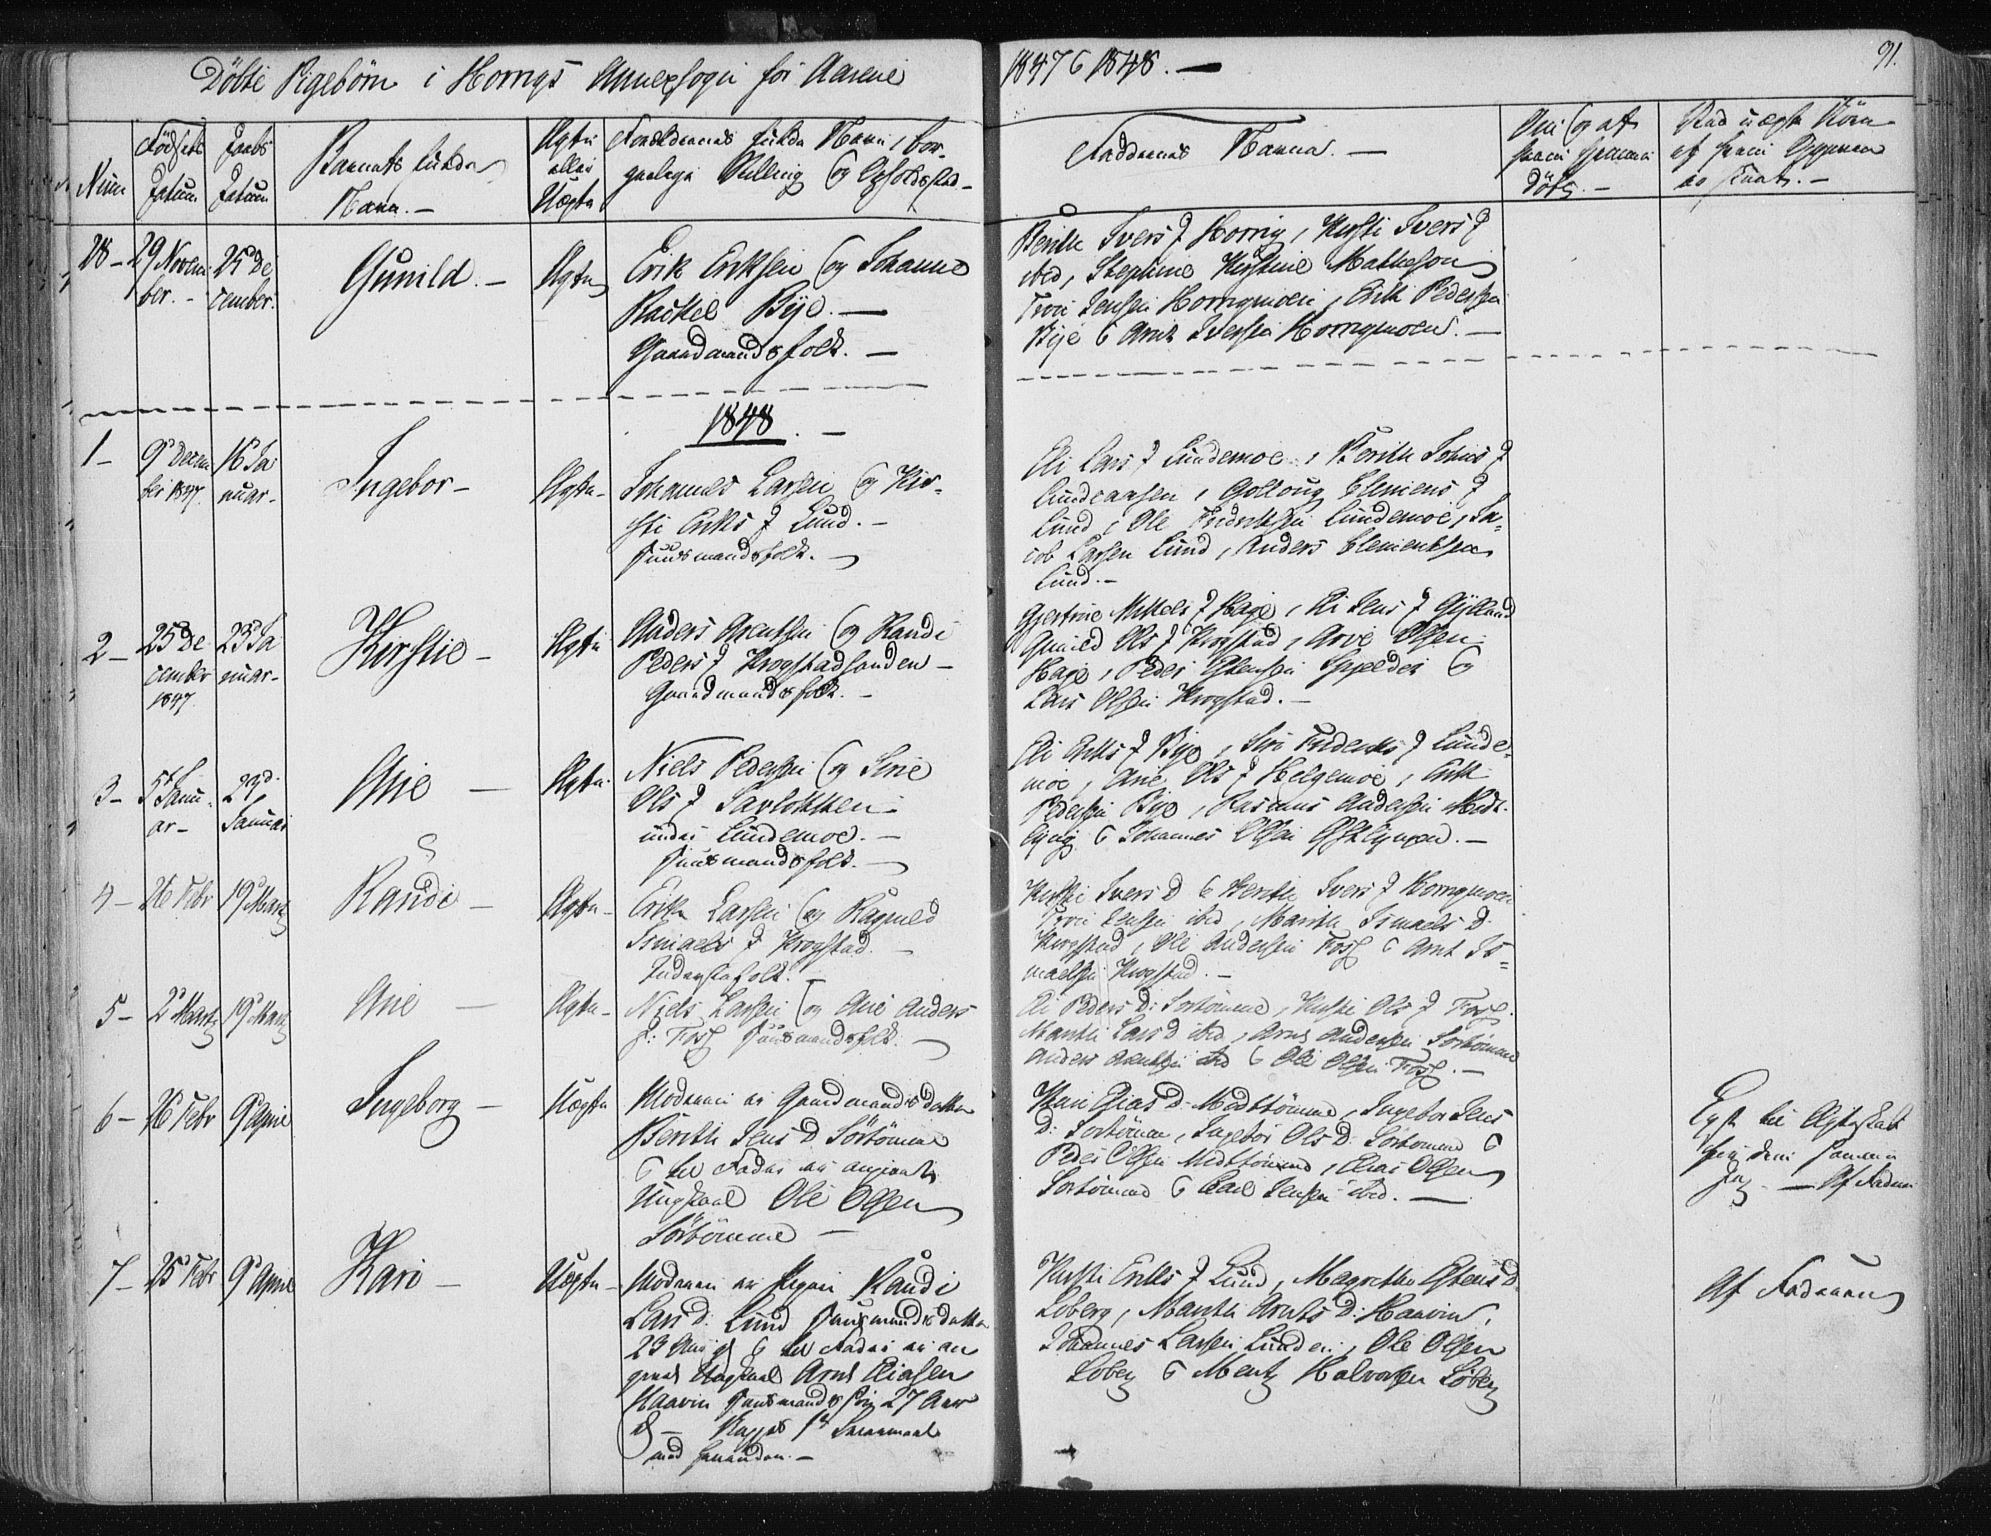 SAT, Ministerialprotokoller, klokkerbøker og fødselsregistre - Sør-Trøndelag, 687/L0998: Ministerialbok nr. 687A05 /2, 1843-1849, s. 91